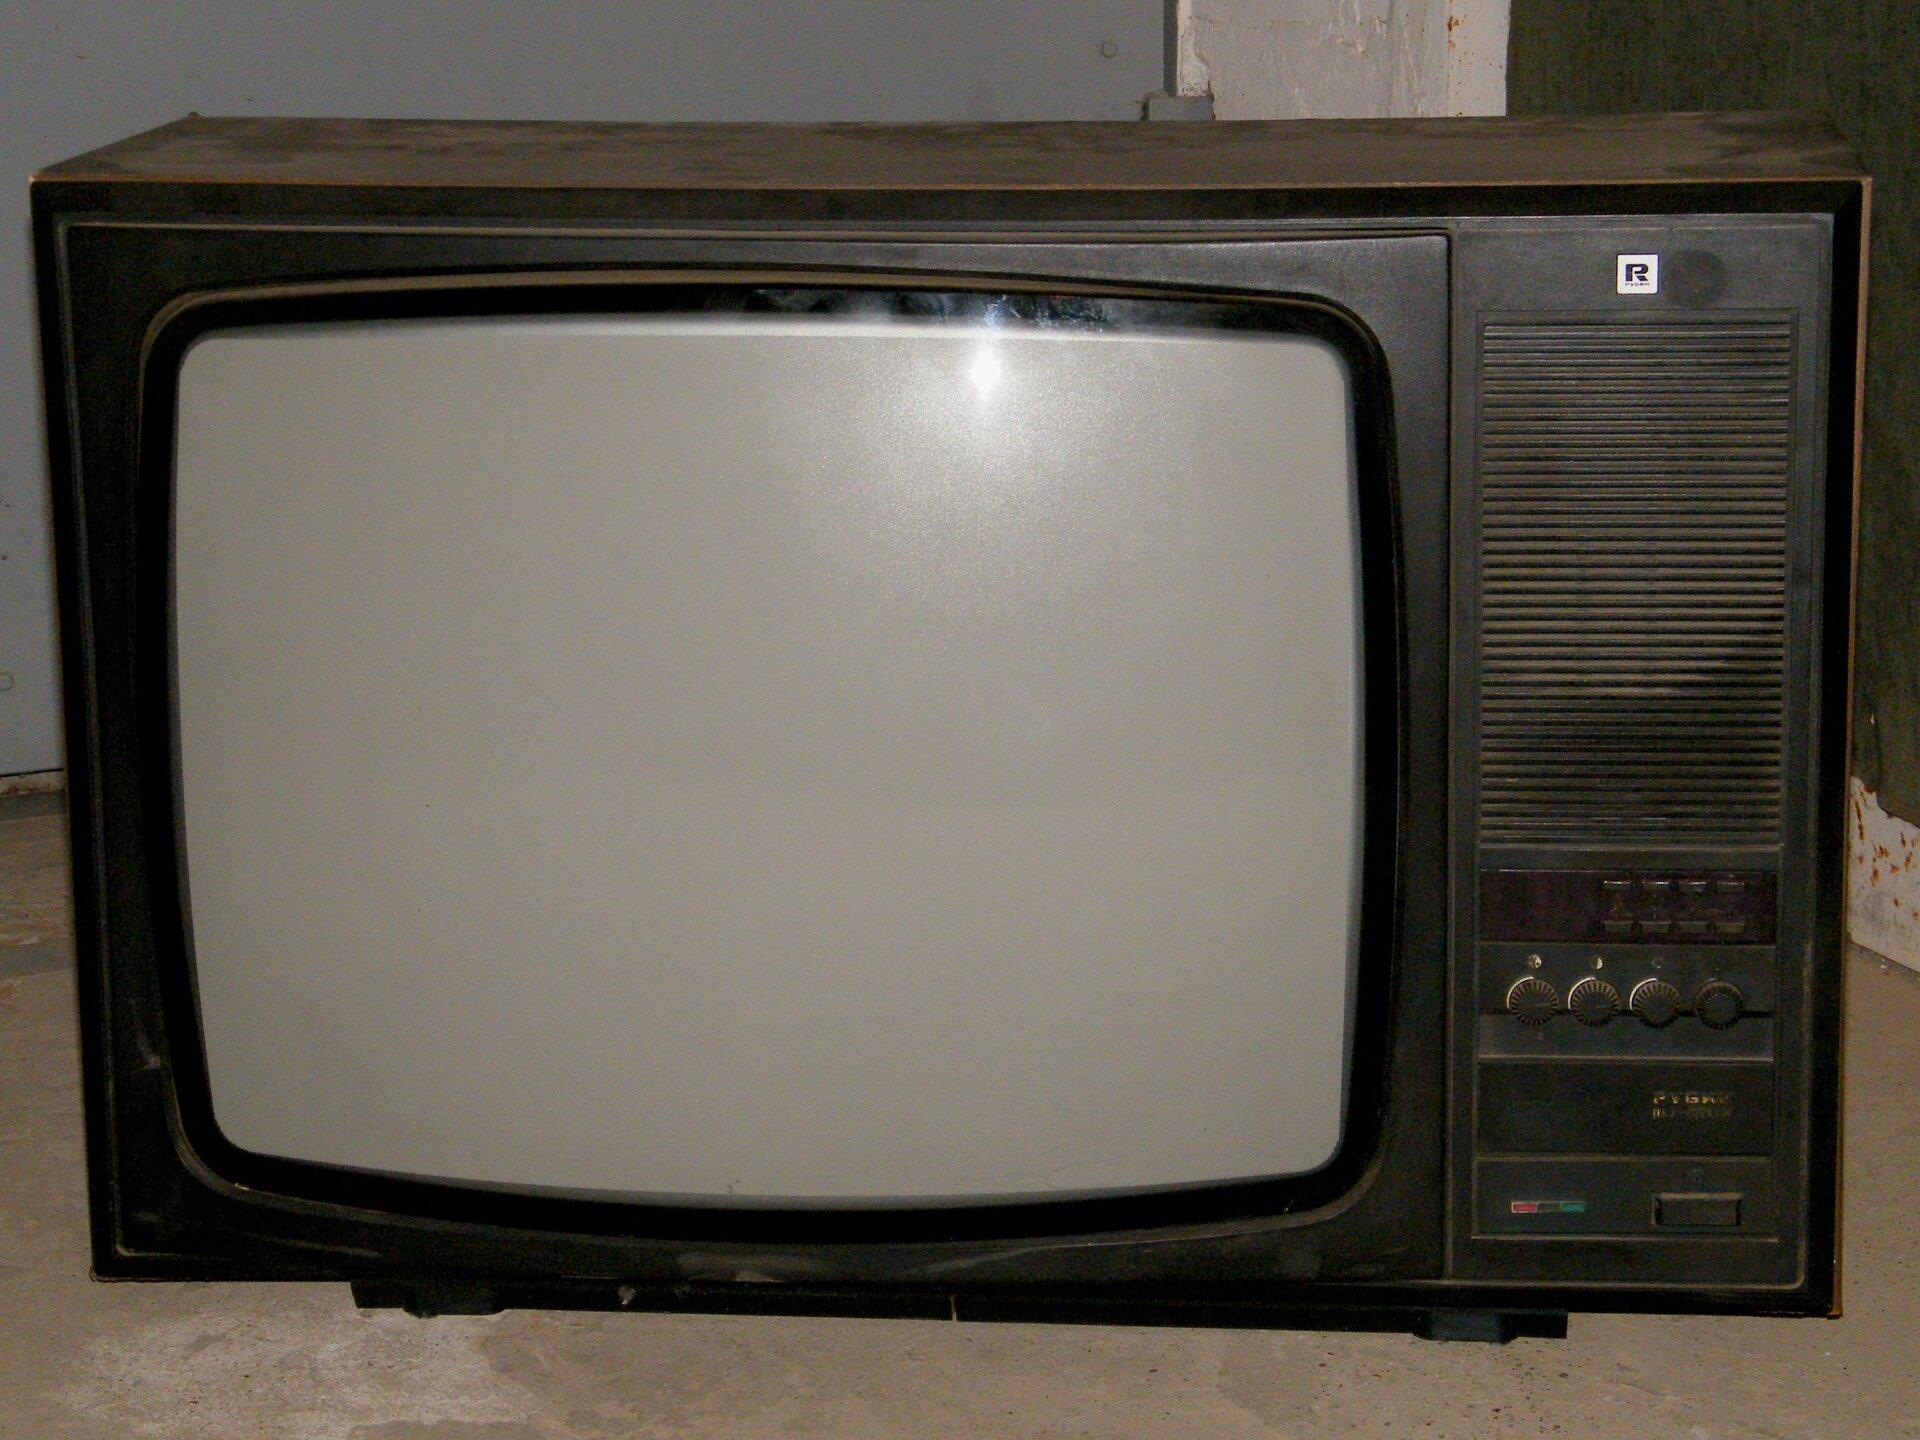 Fotografia barwna przedstawiająca telewizor kolorowy z1975 roku. Duża obudowa iwypukły kineskop.